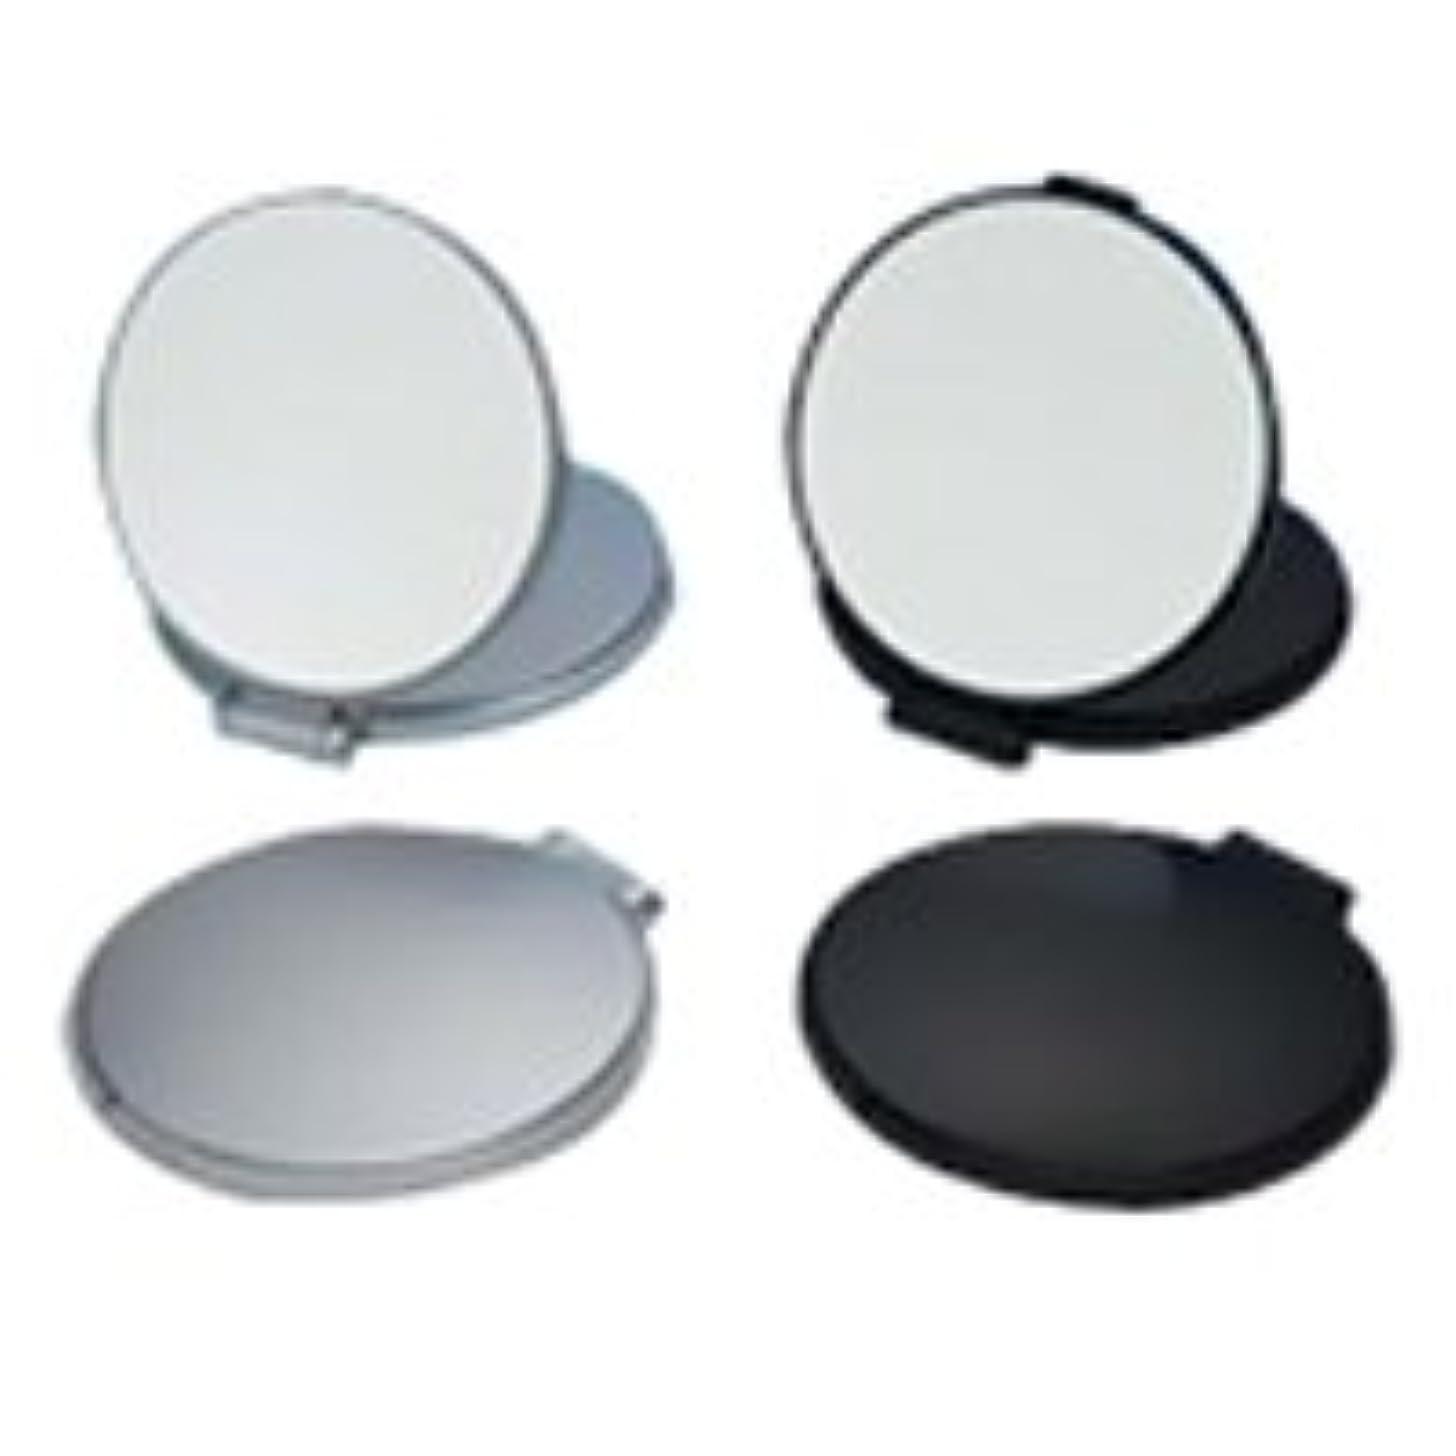 評価可能軸金額コンパクトミラー 拡大鏡 メイク 拡大ミラー ナピュアミラー 鏡 リアルズームアップ プラス 両面 5倍 RC-05 堀内鏡工業※このページは「シルバー」のみの販売です◆シルバー